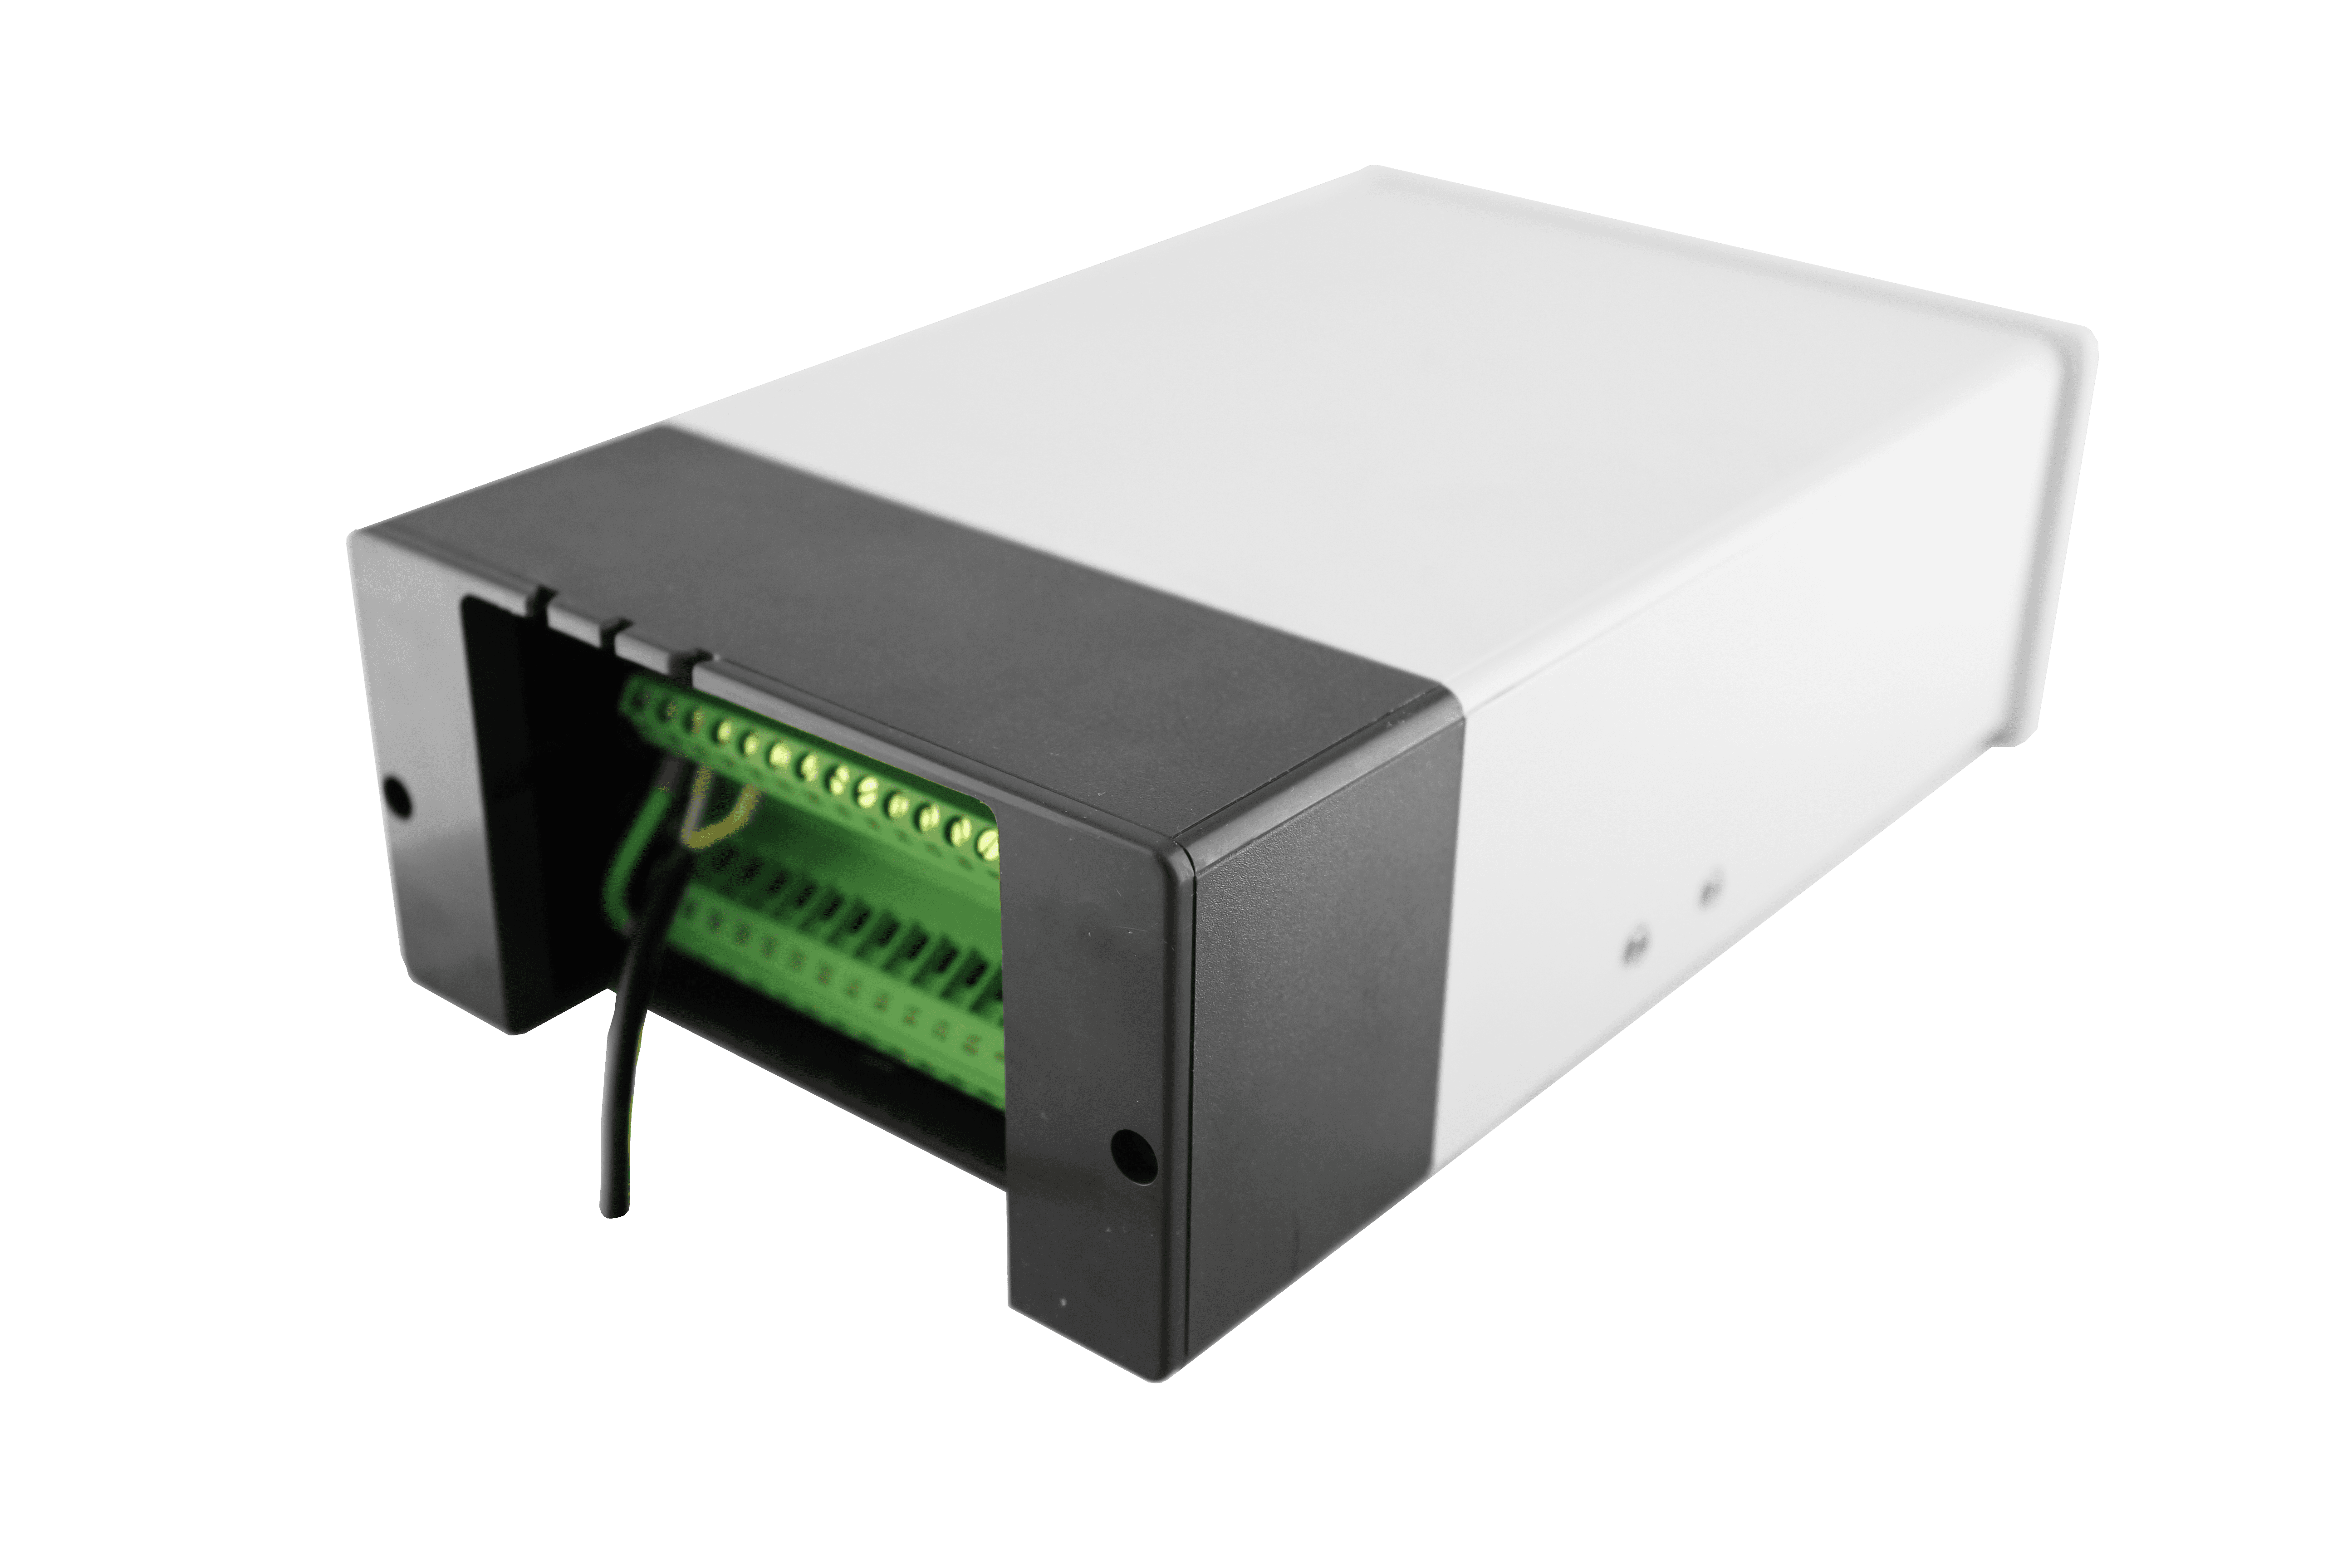 Anzeigegerät für Stufenschalterstellung (DSA) Seitenansicht hinten